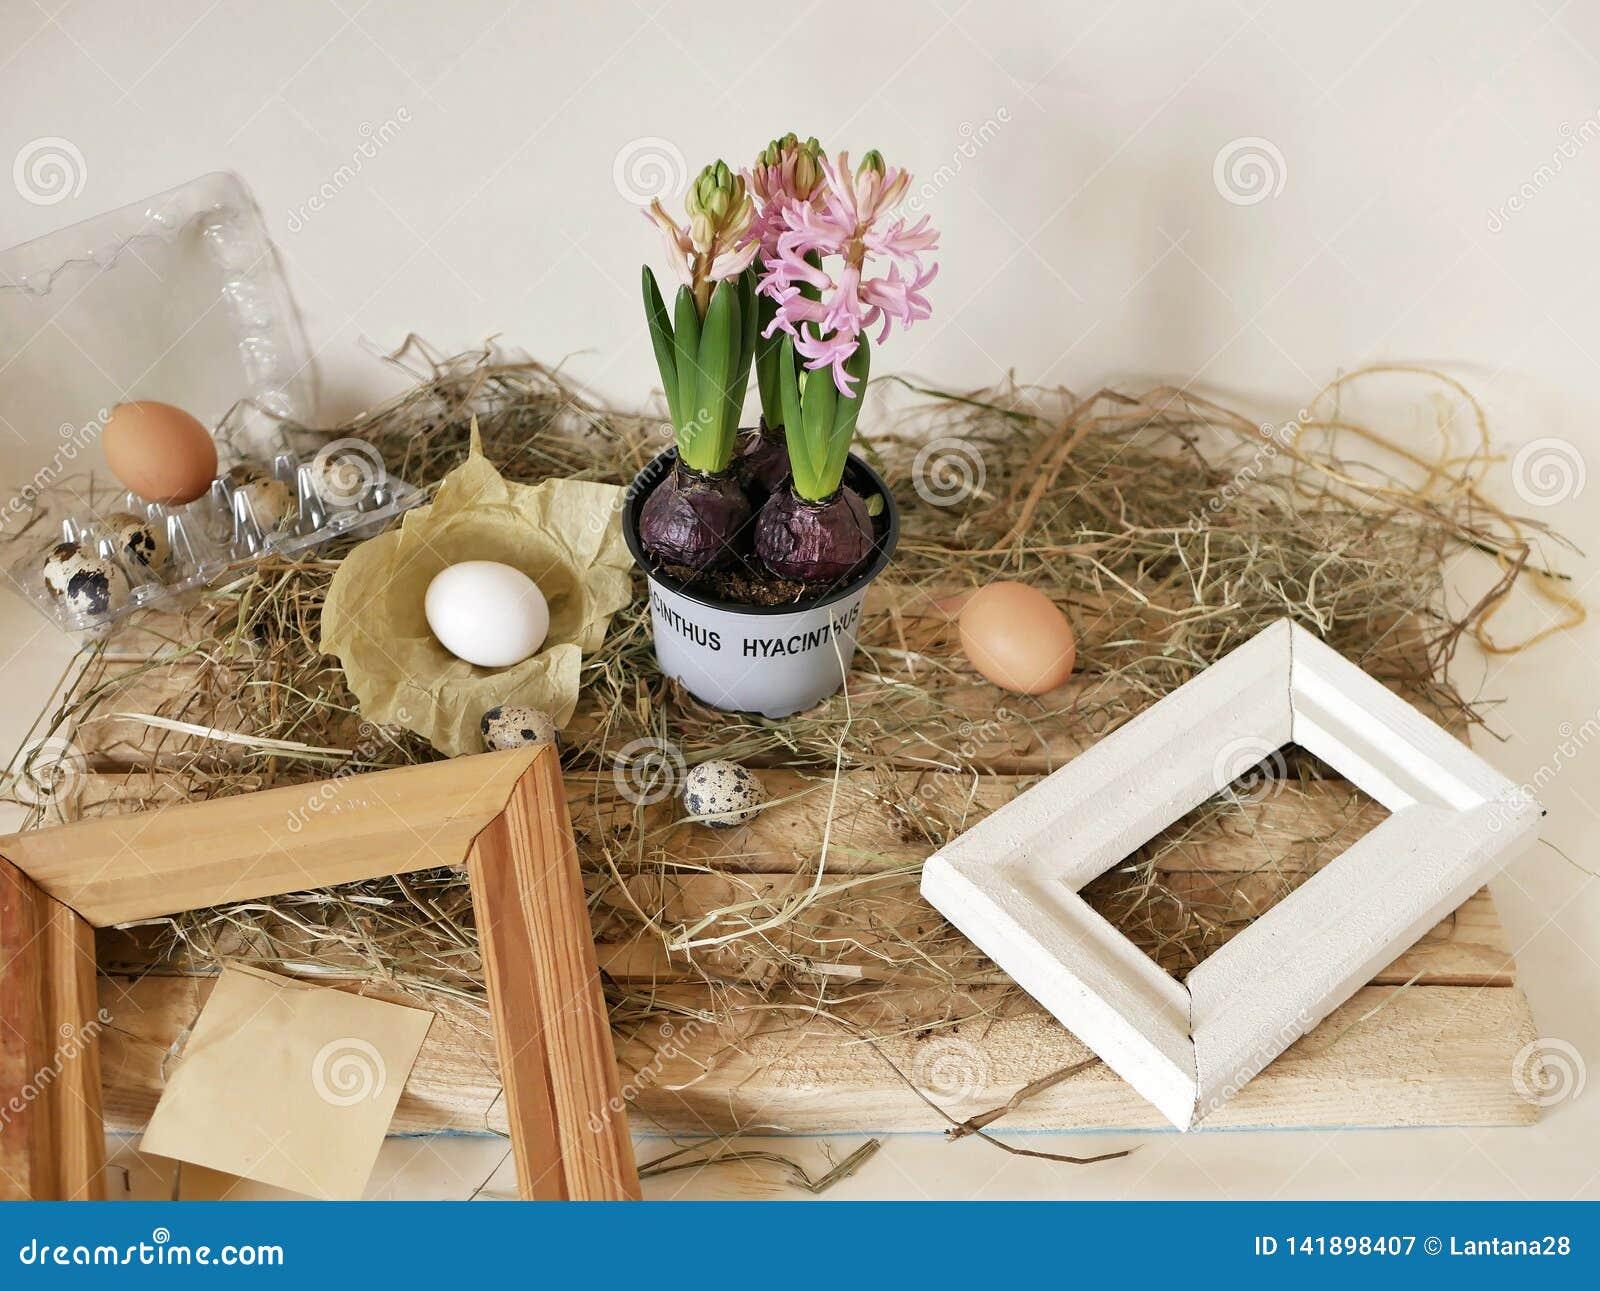 Розовые гиацинты в цветочном горшке, яйцах и яйцах триперсток, рамках, сене на светлом деревянном столе, весеннем сезоне, пасхе